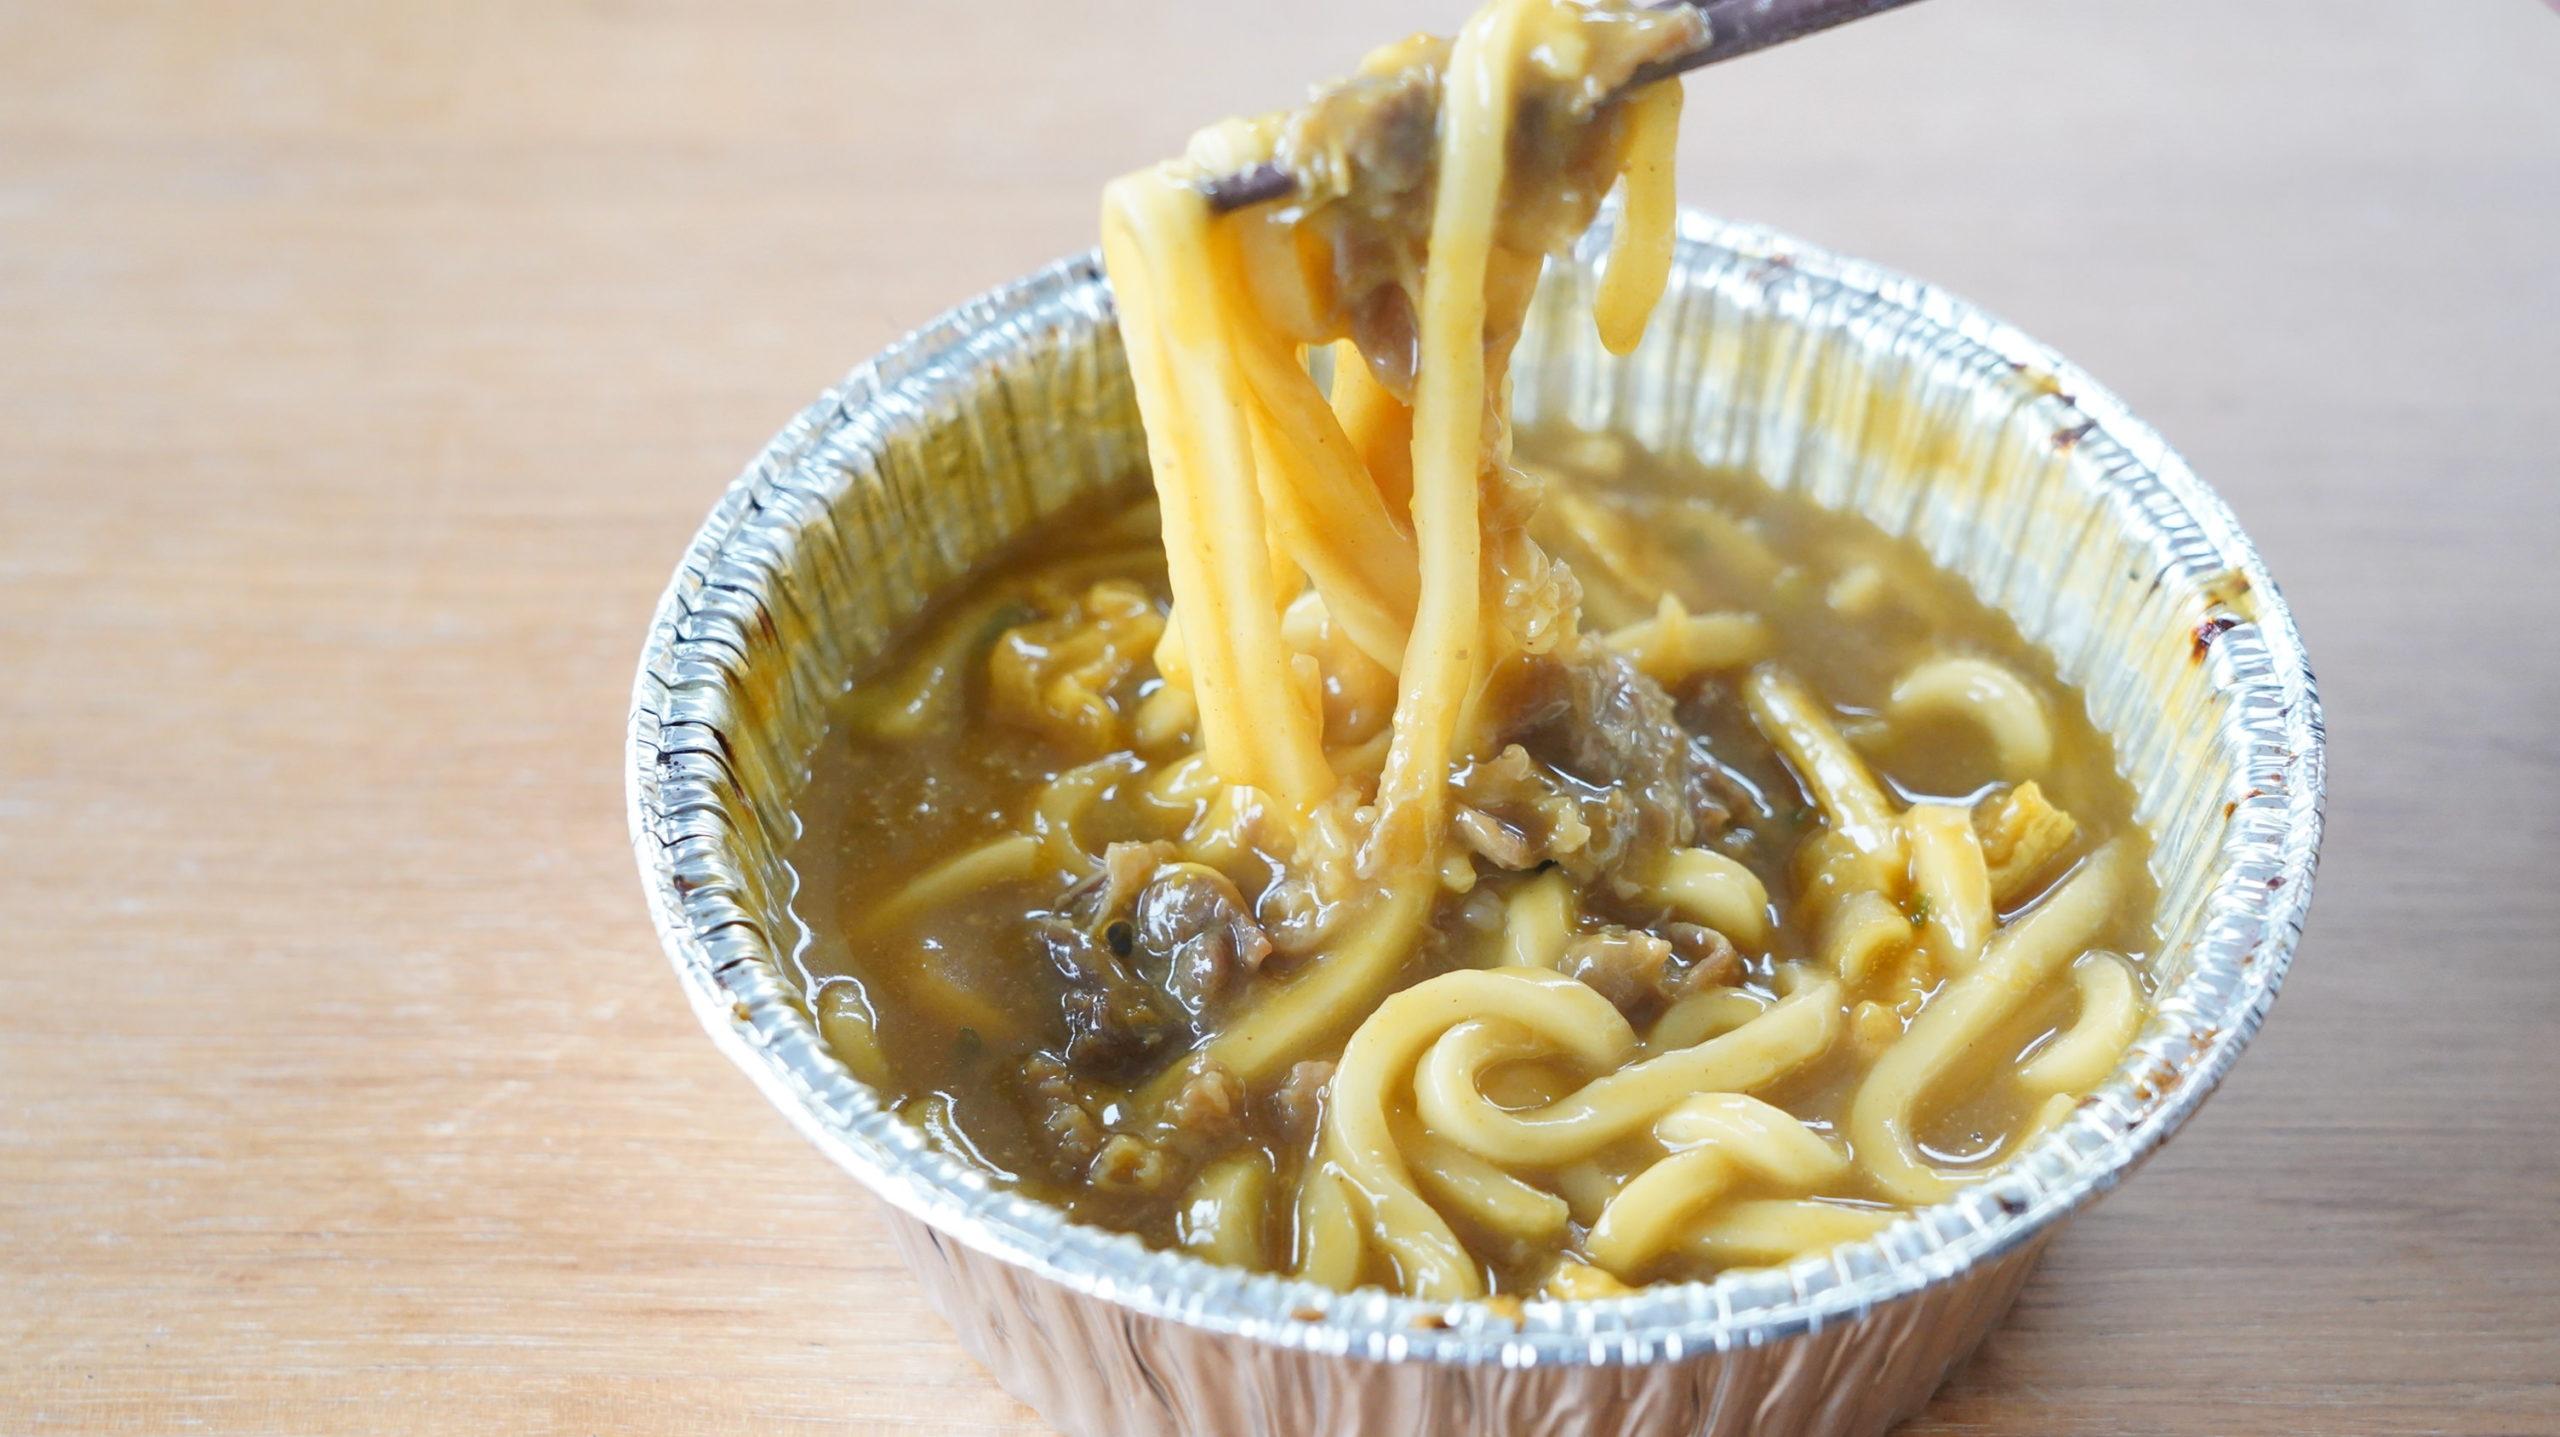 ファミリーマートの冷凍食品「和風だしのきいた牛肉カレーうどん」を箸でつまんでいる写真